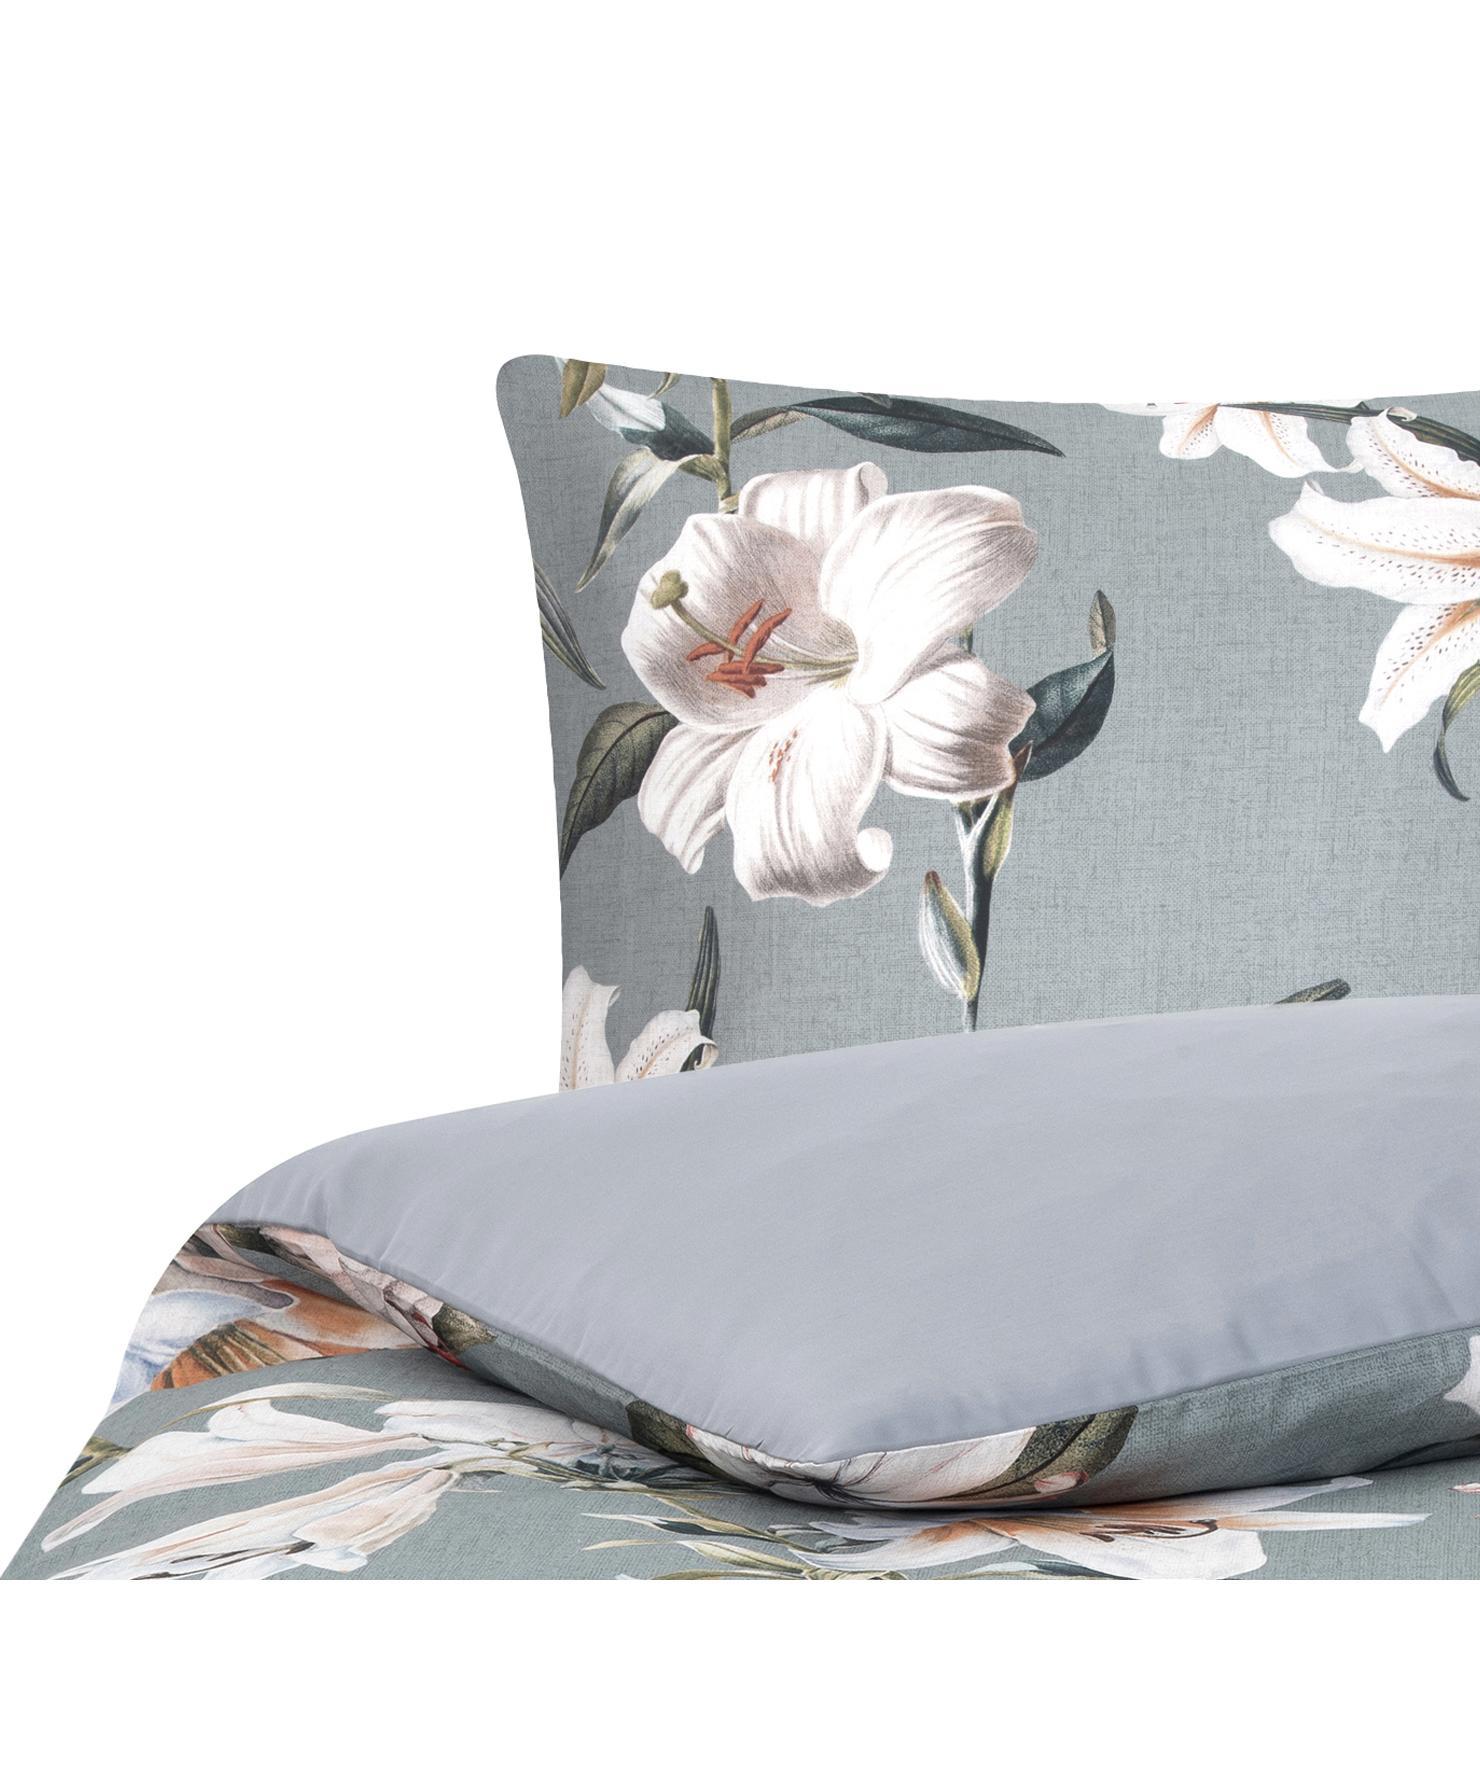 Baumwollsatin-Bettwäsche Flori in Grau mit Blumen-Print, Webart: Satin Fadendichte 210 TC,, Vorderseite: Blau, CremeweissRückseite: Blau, 135 x 200 cm + 1 Kissen 80 x 80 cm